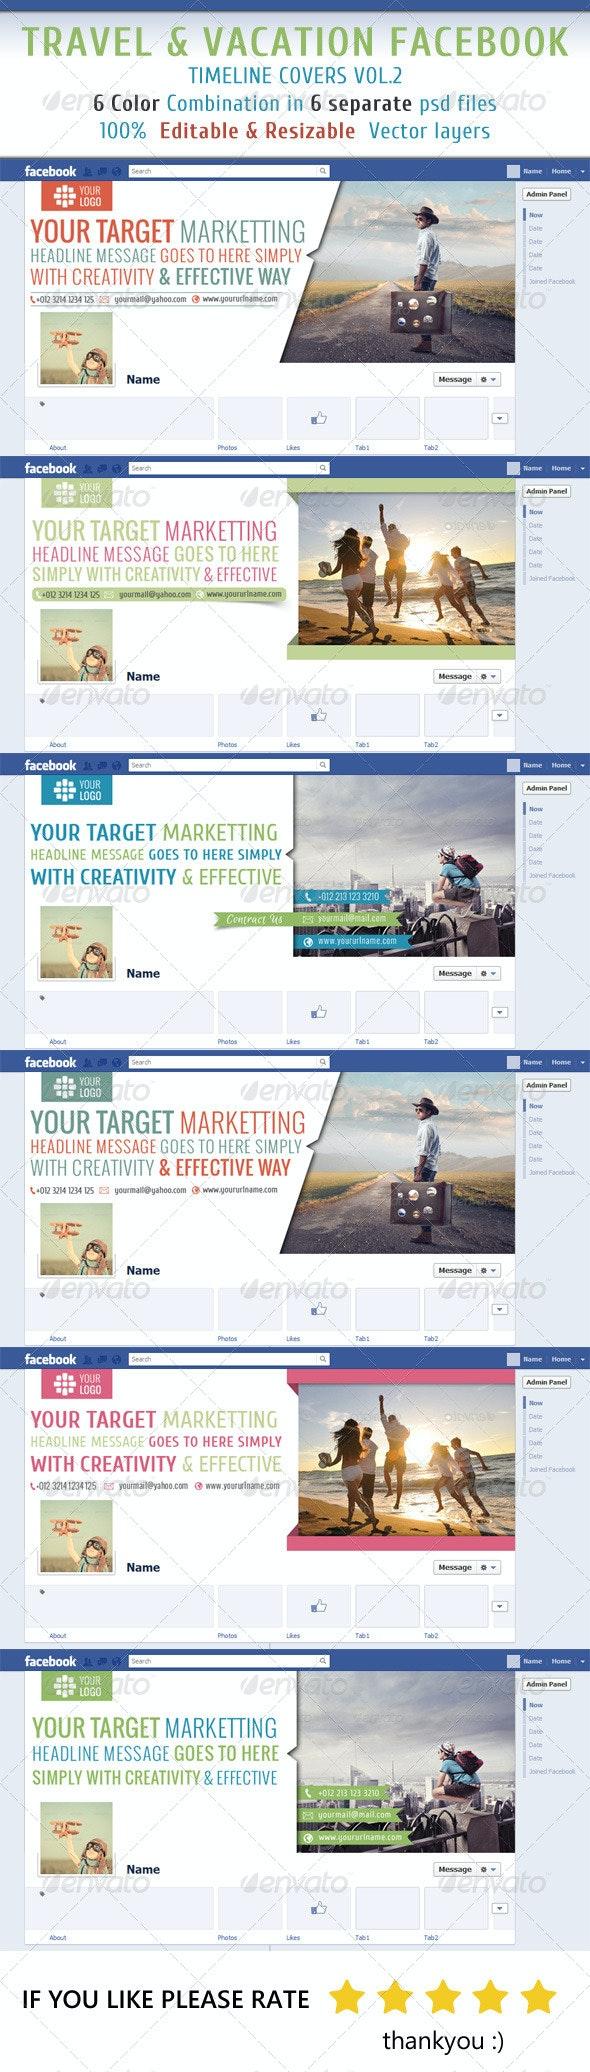 Travel & Vacation Facebook Timeline Vol2 - Facebook Timeline Covers Social Media